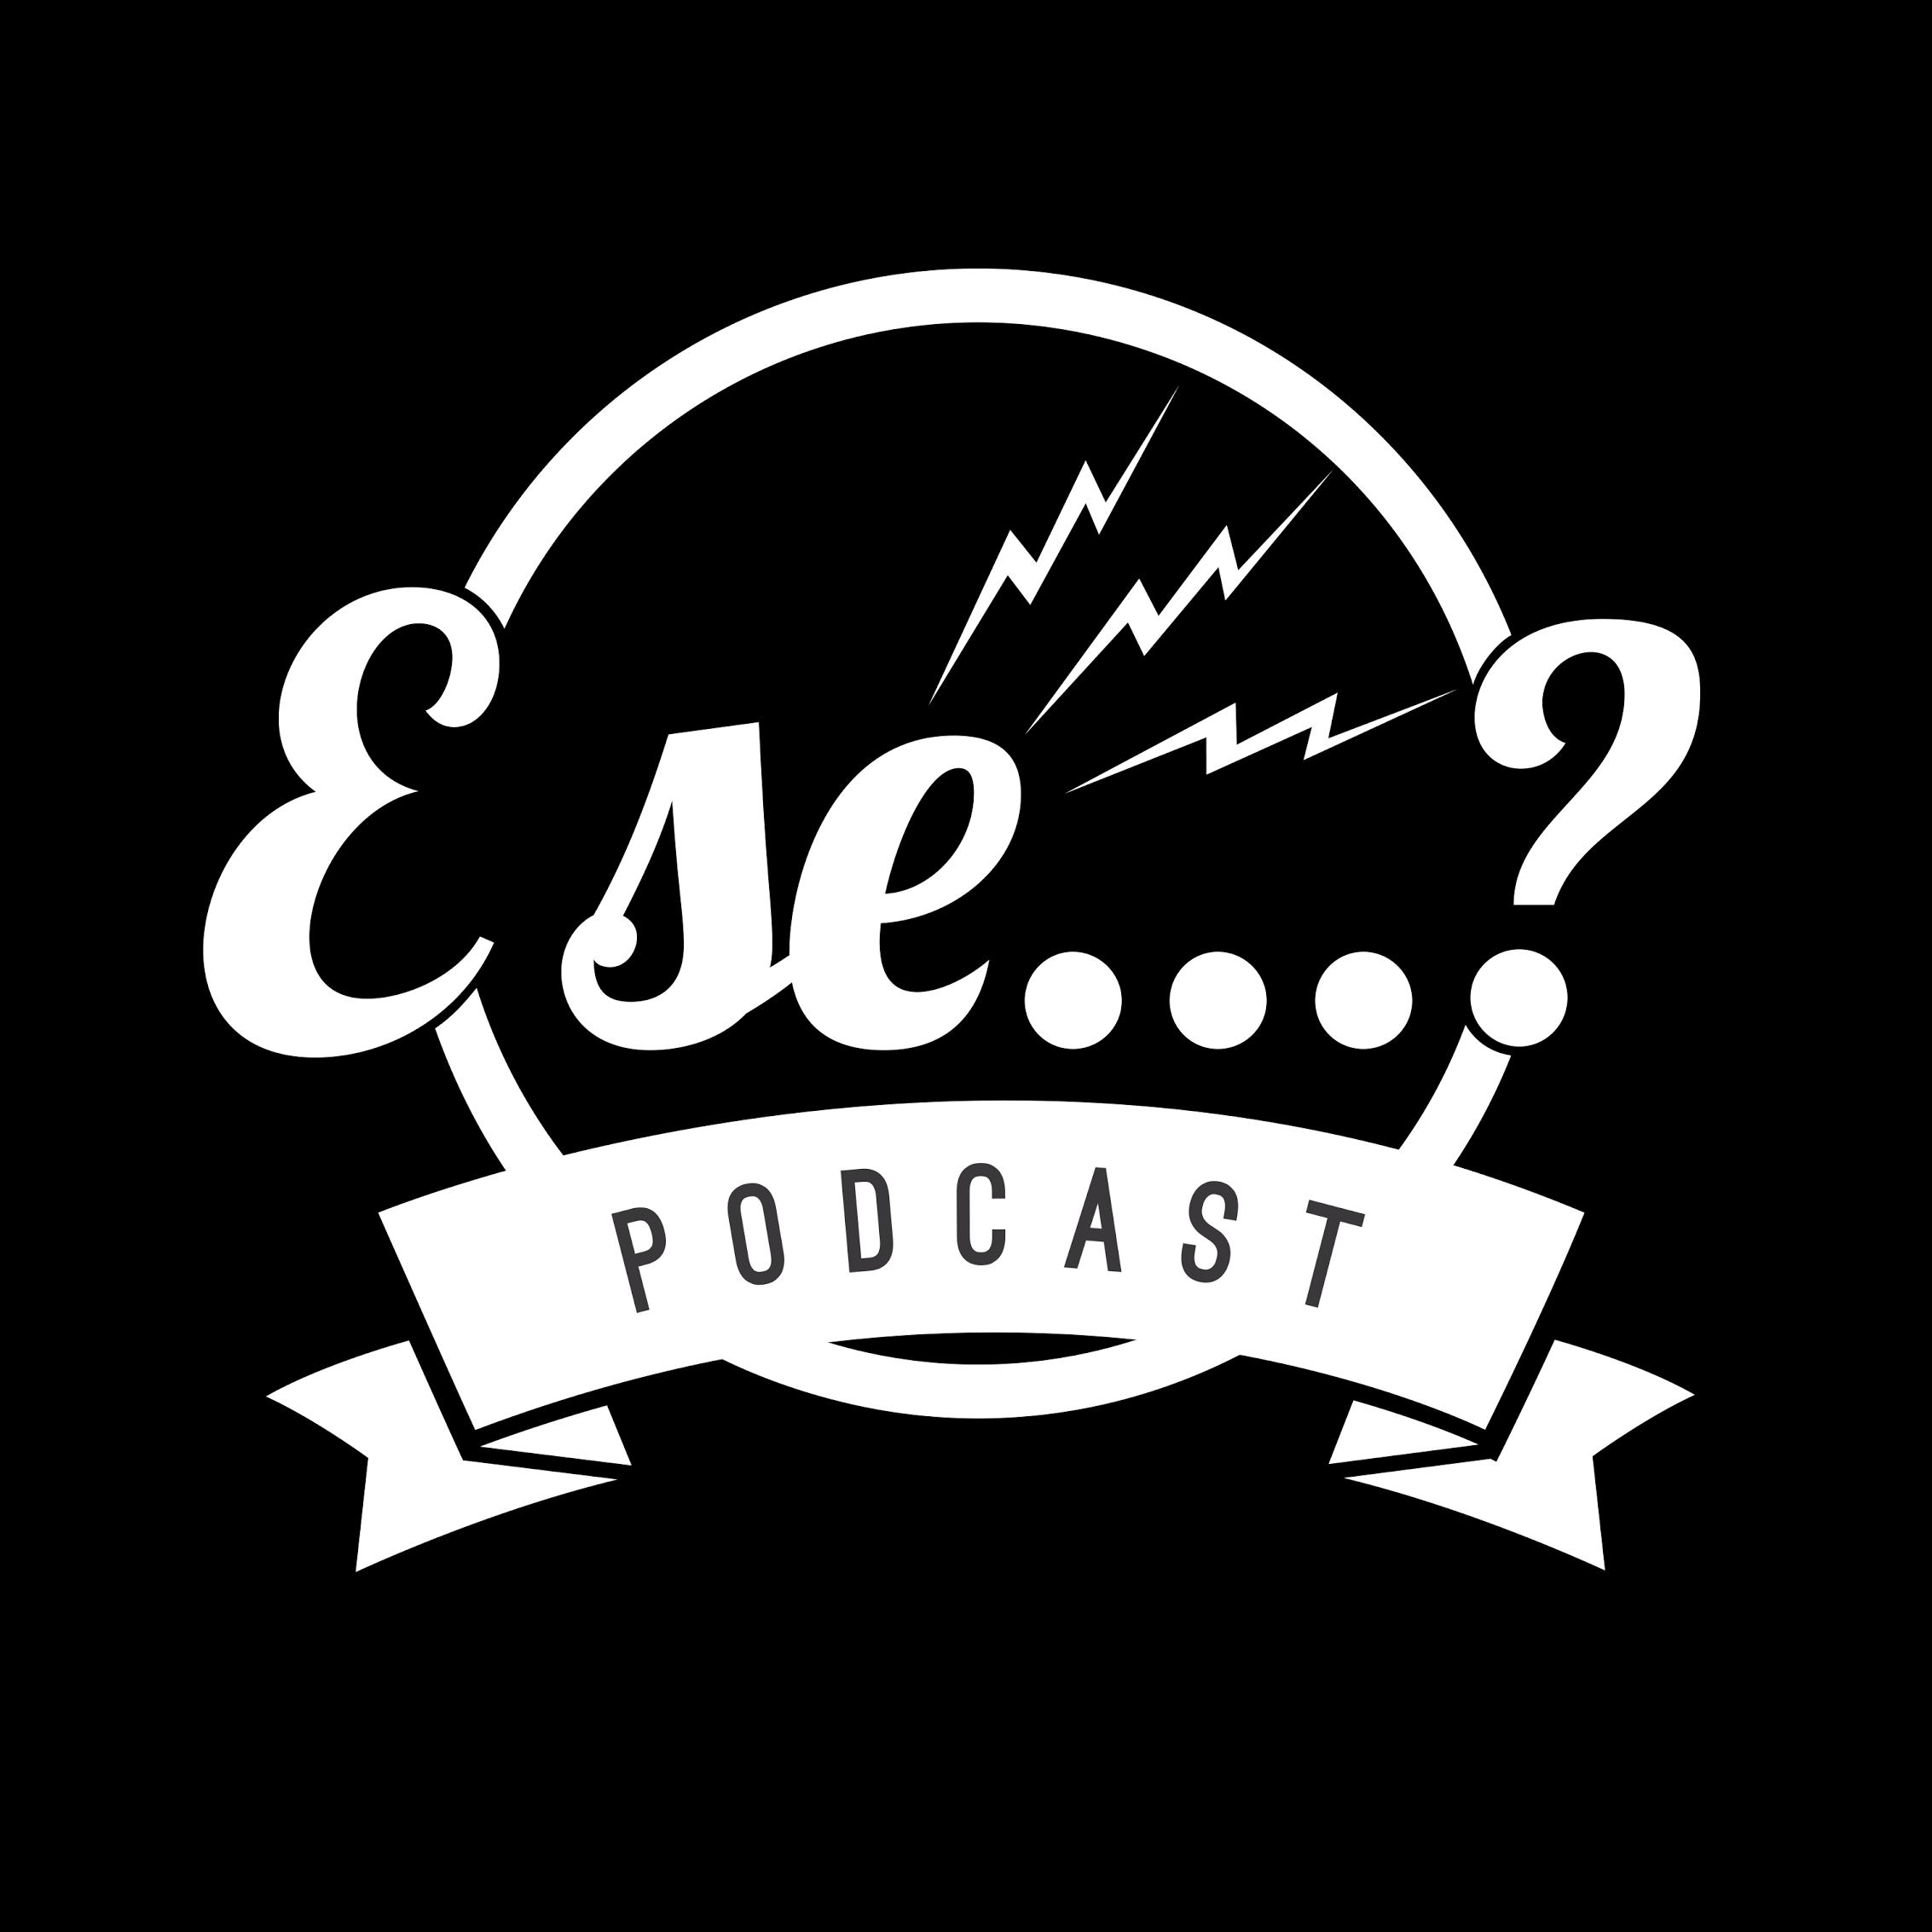 E Se Podcast